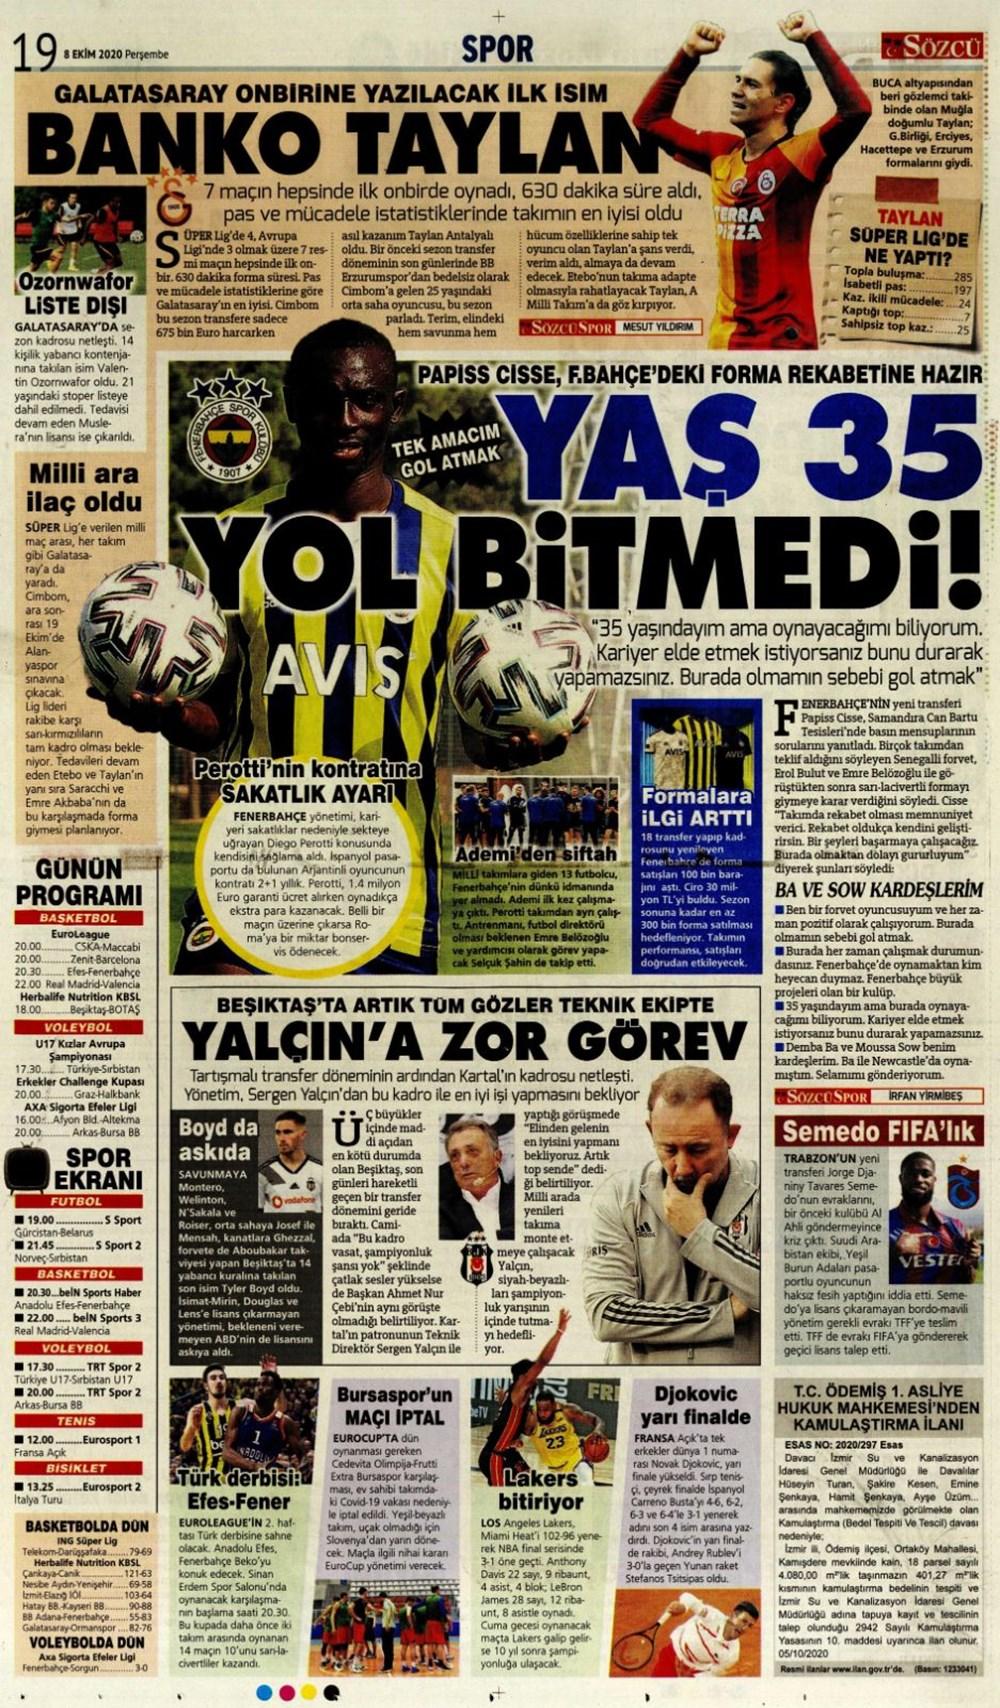 Günün spor manşetleri (8 Ekim 2020) - 9